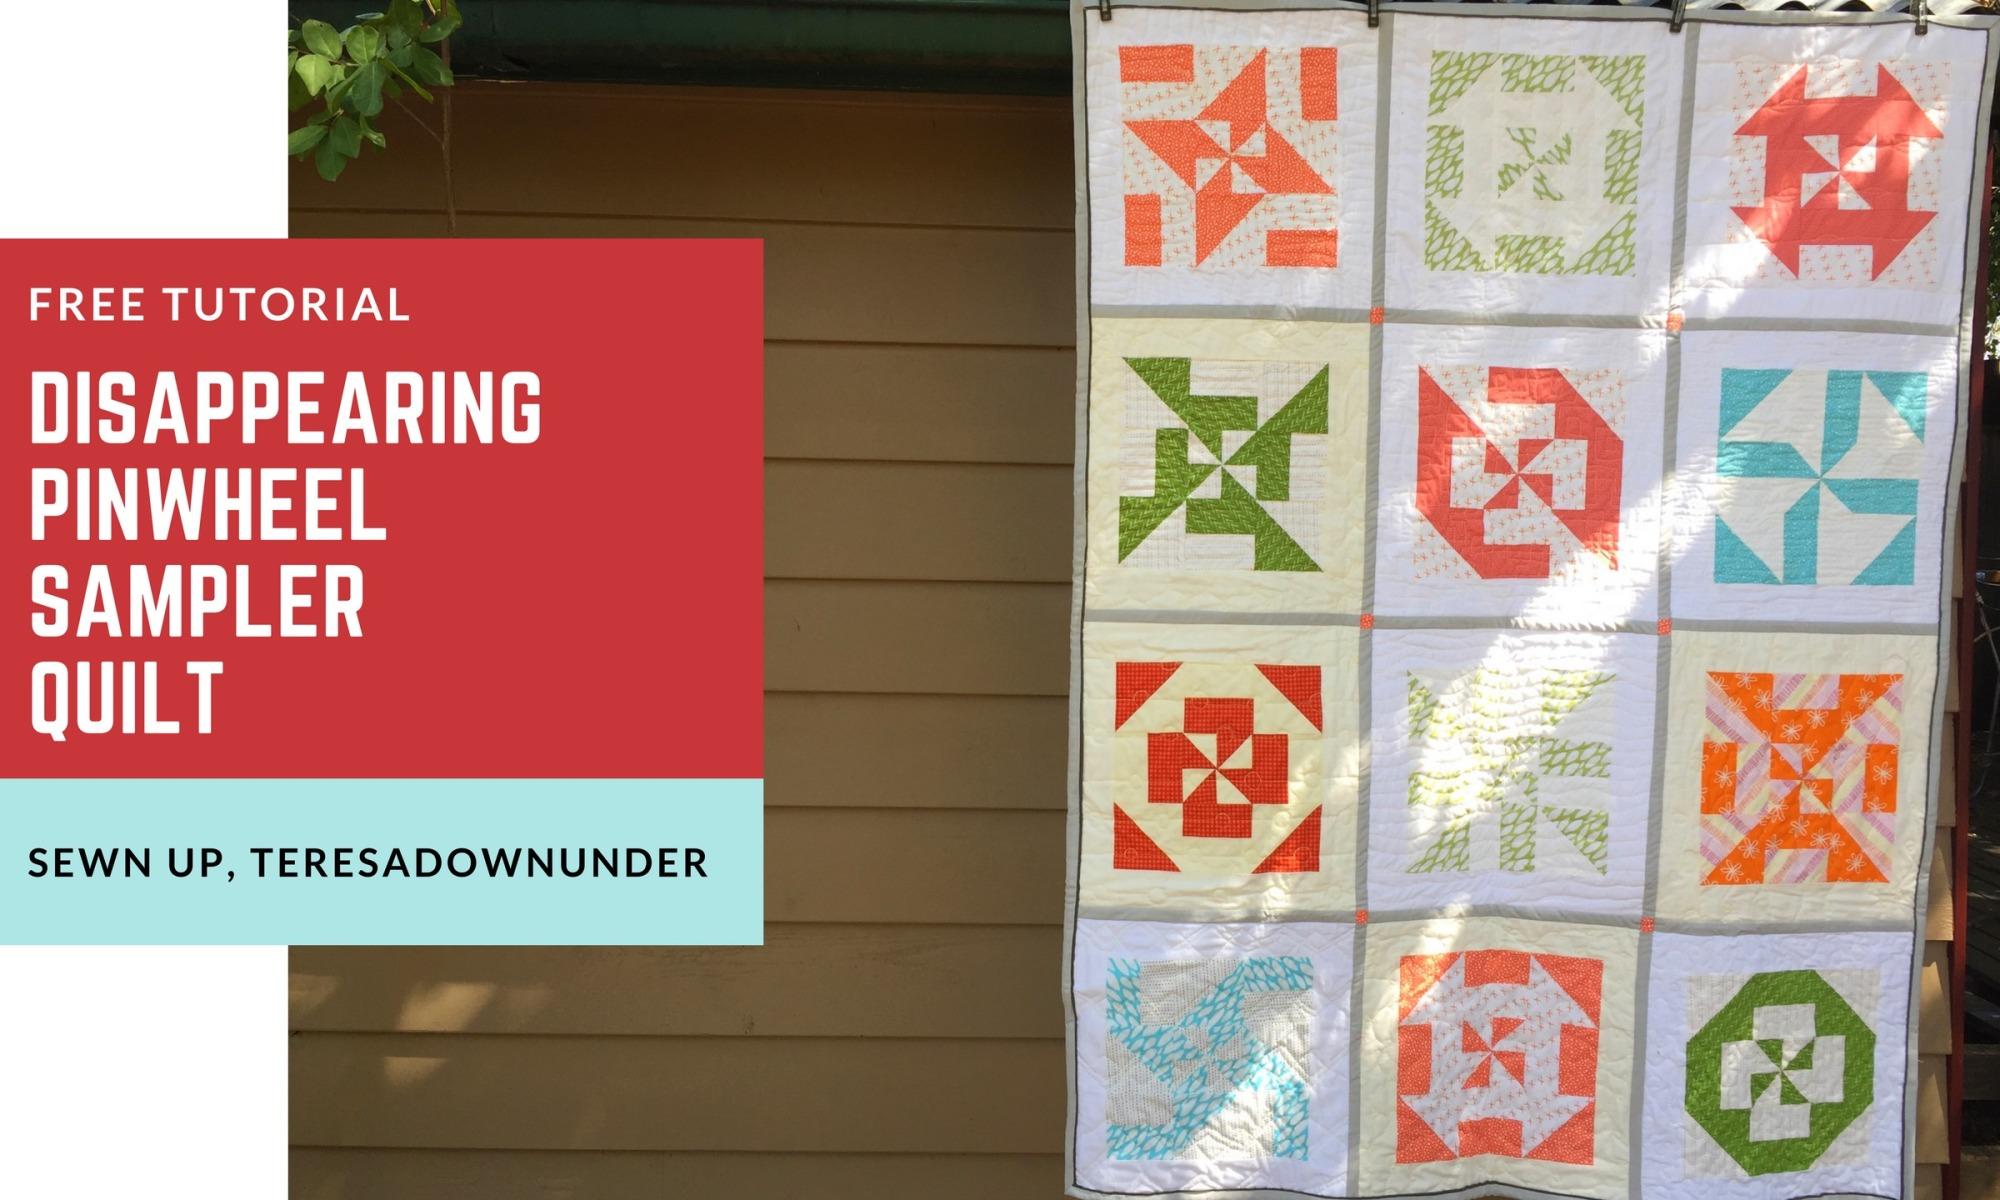 Free tutorial: Disappearing pinwheel sampler quilt